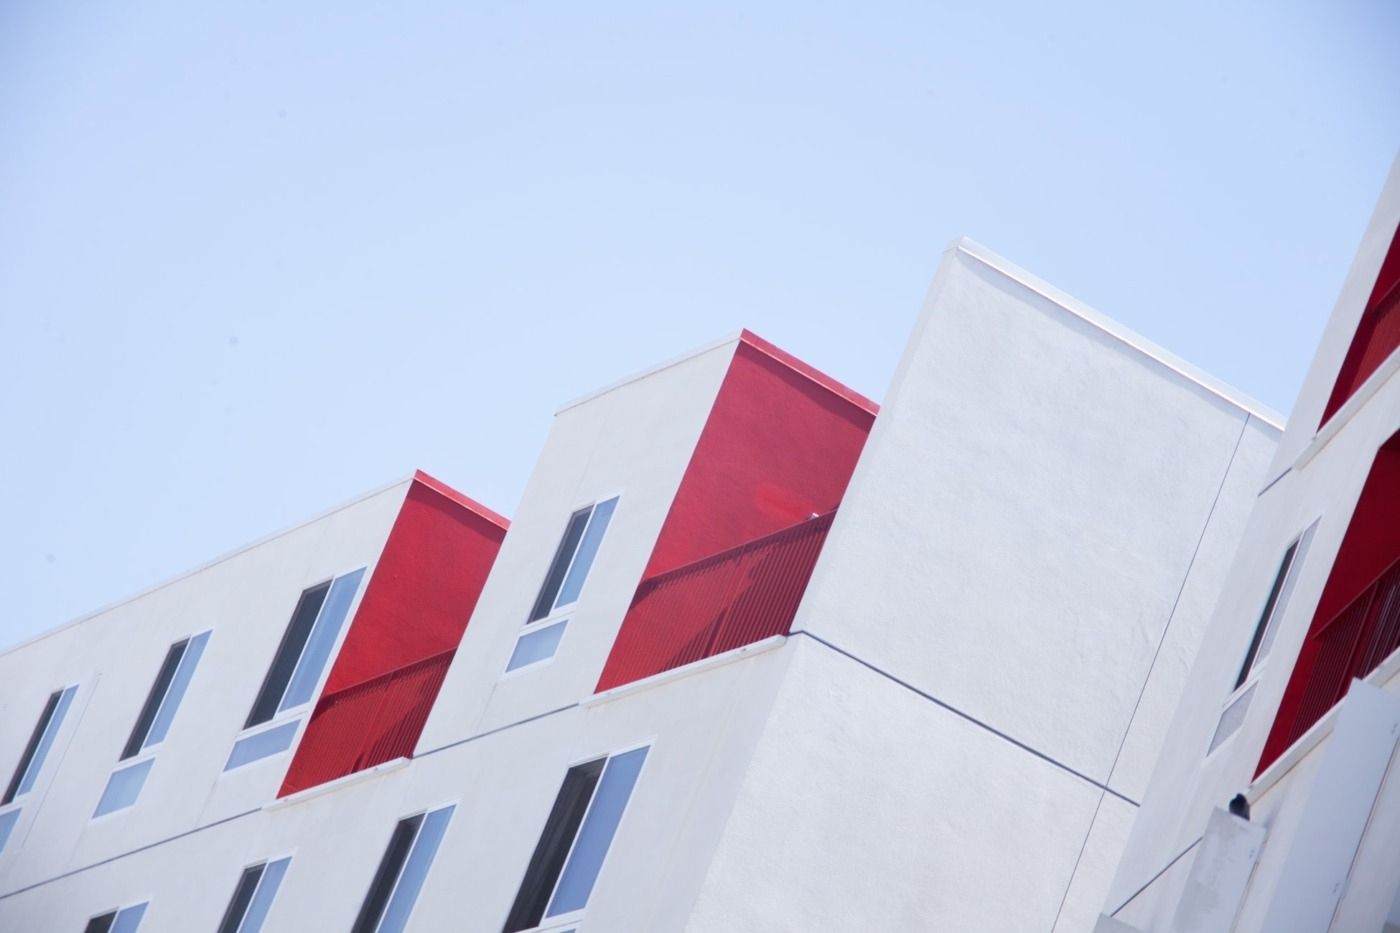 Bauhaus centenary art